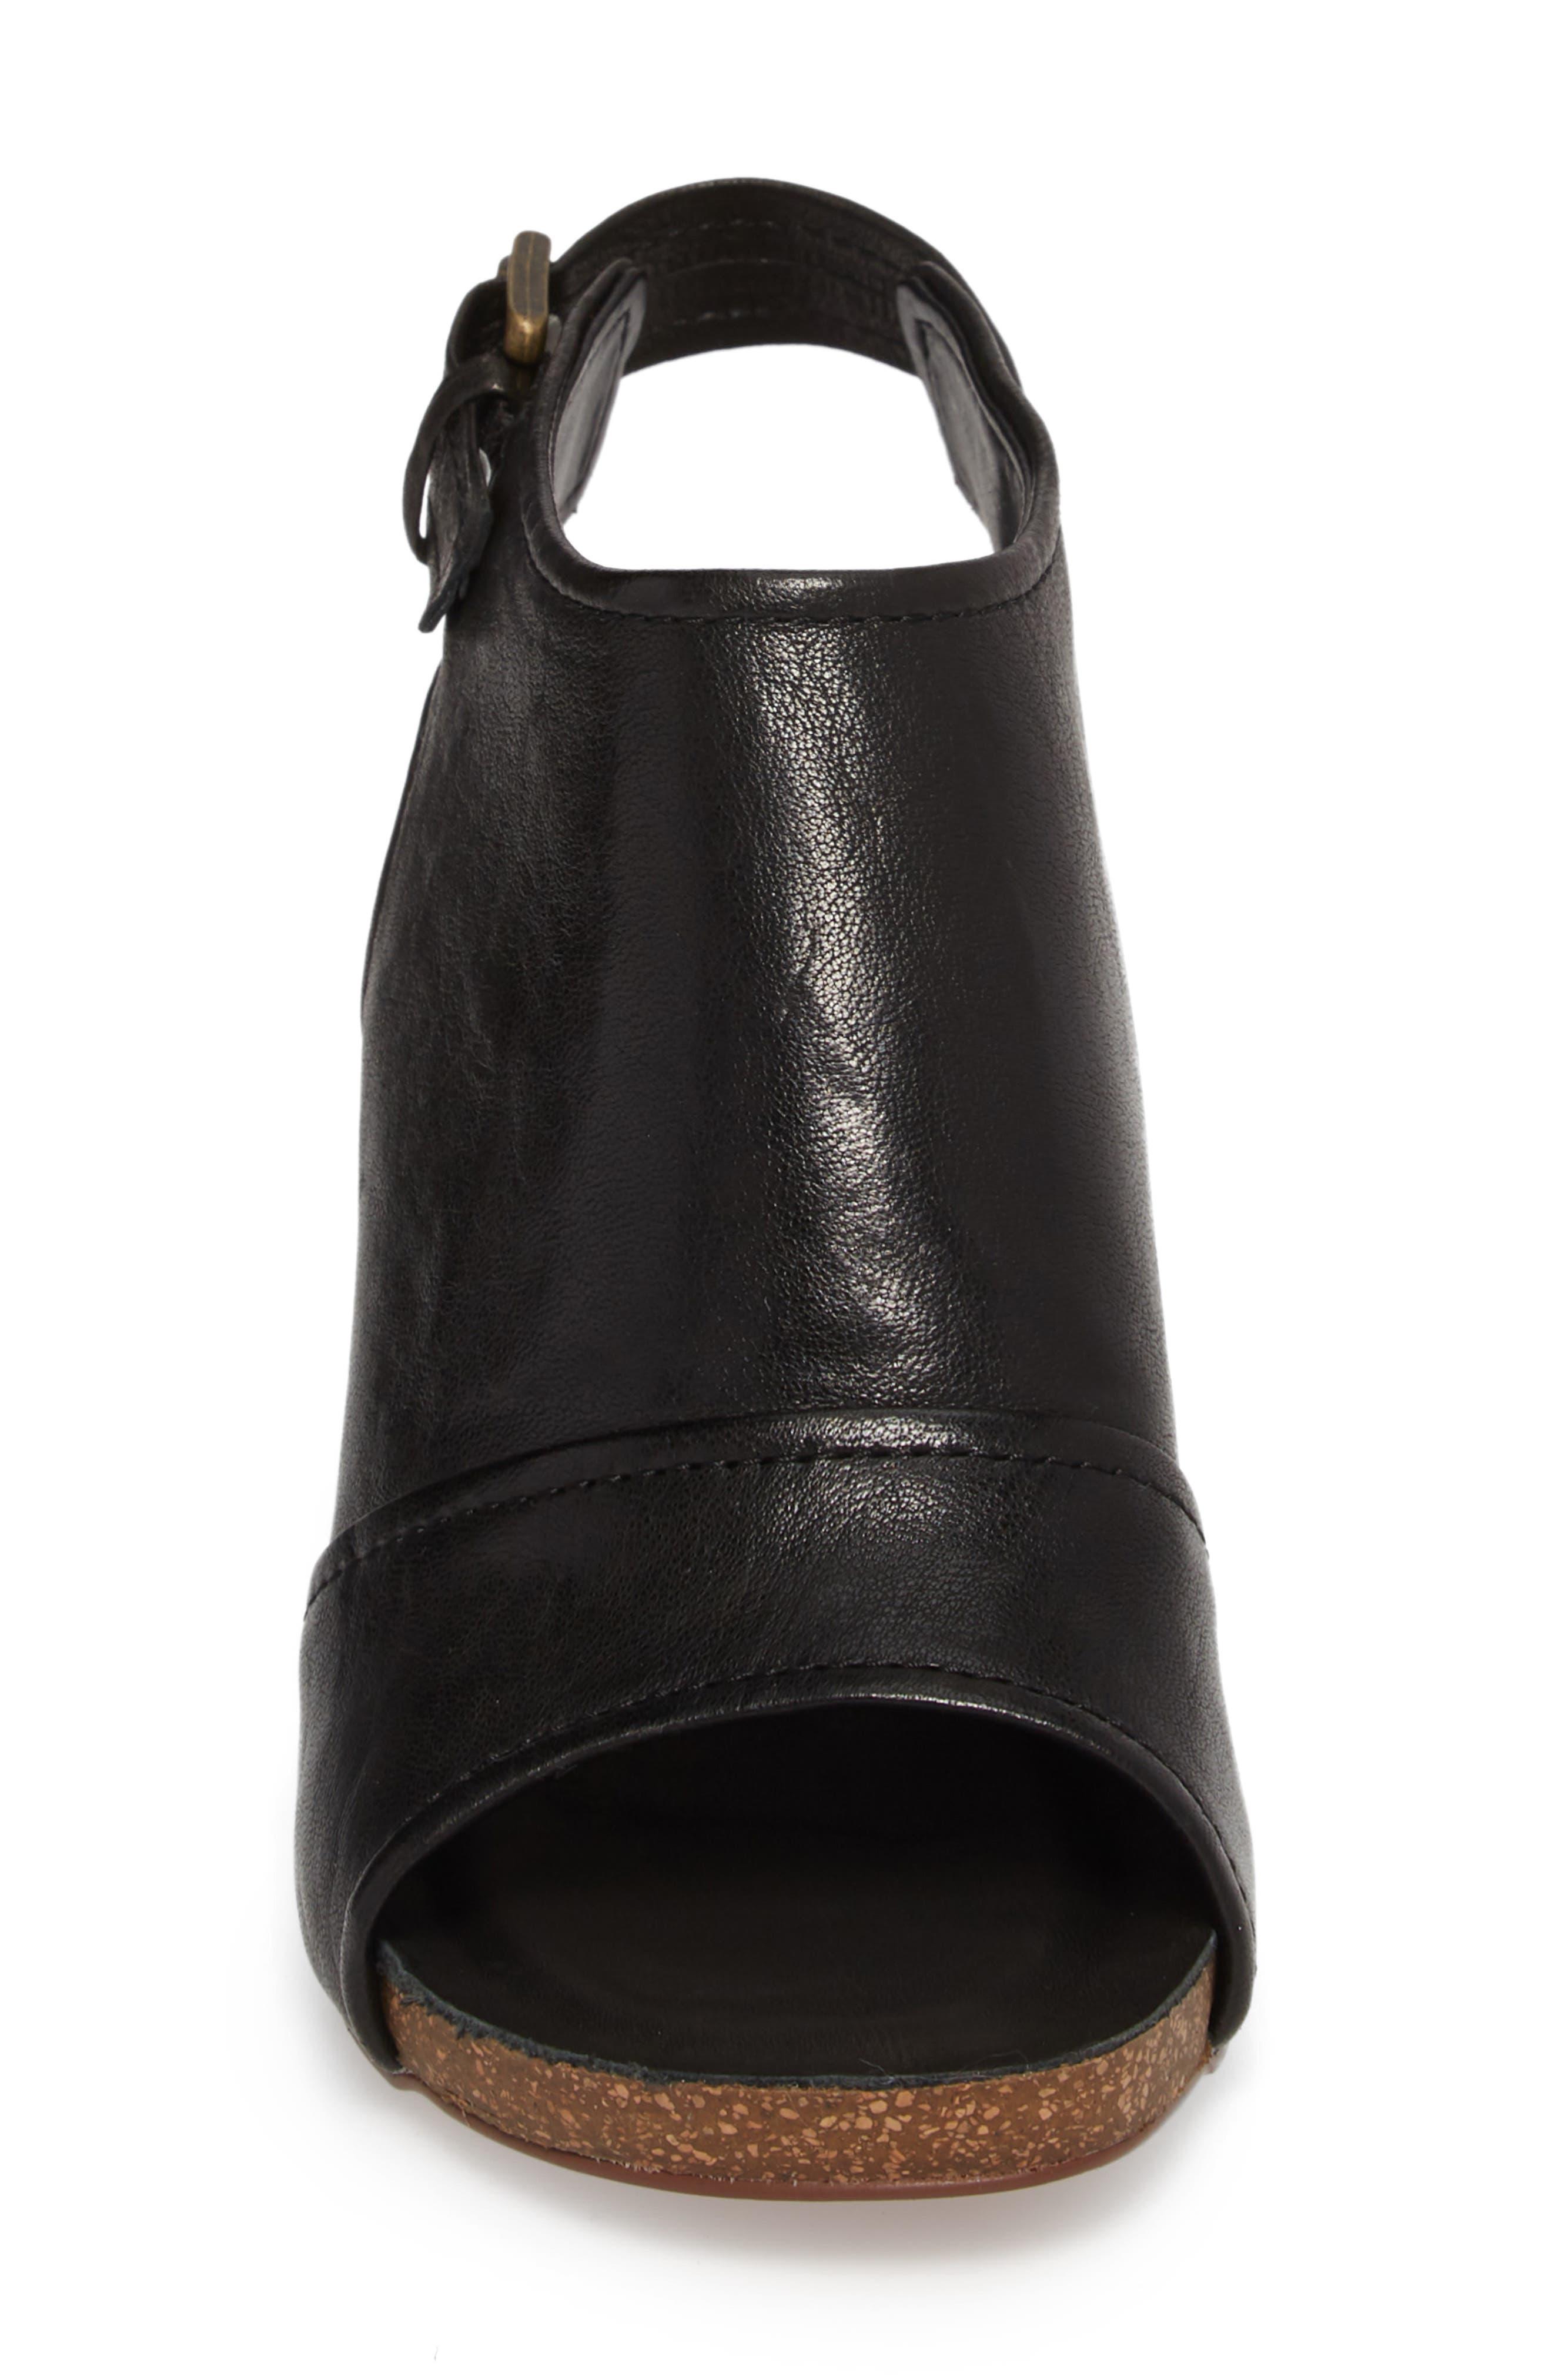 Isanti Slingback Sandal,                             Alternate thumbnail 4, color,                             BLACK LEATHER